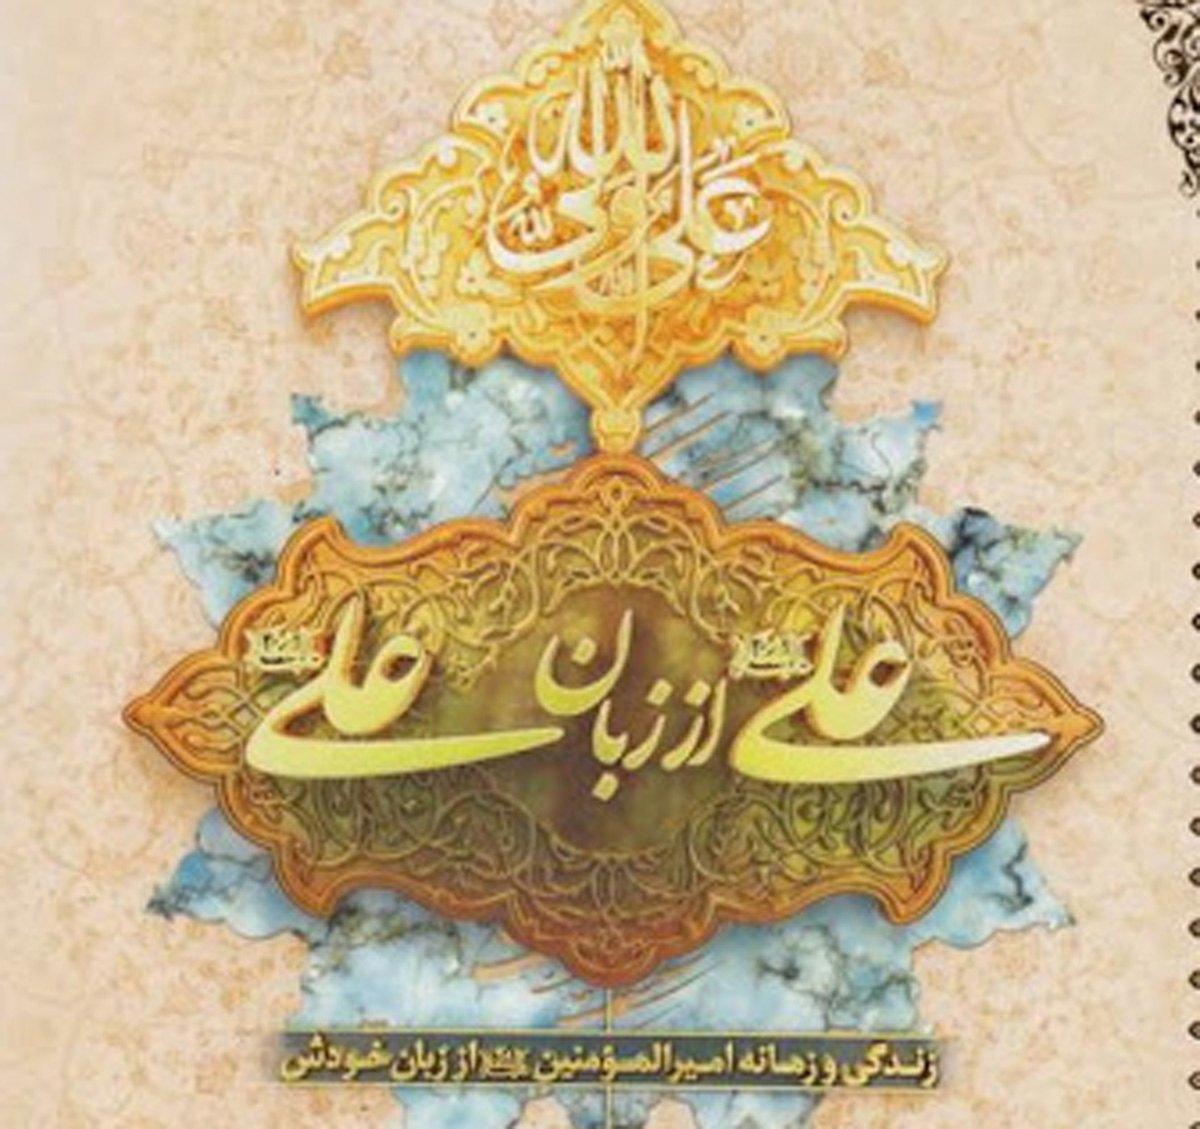 اهدای رایگان کتاب با موضوع غدیر در نمایشگاه قرآن